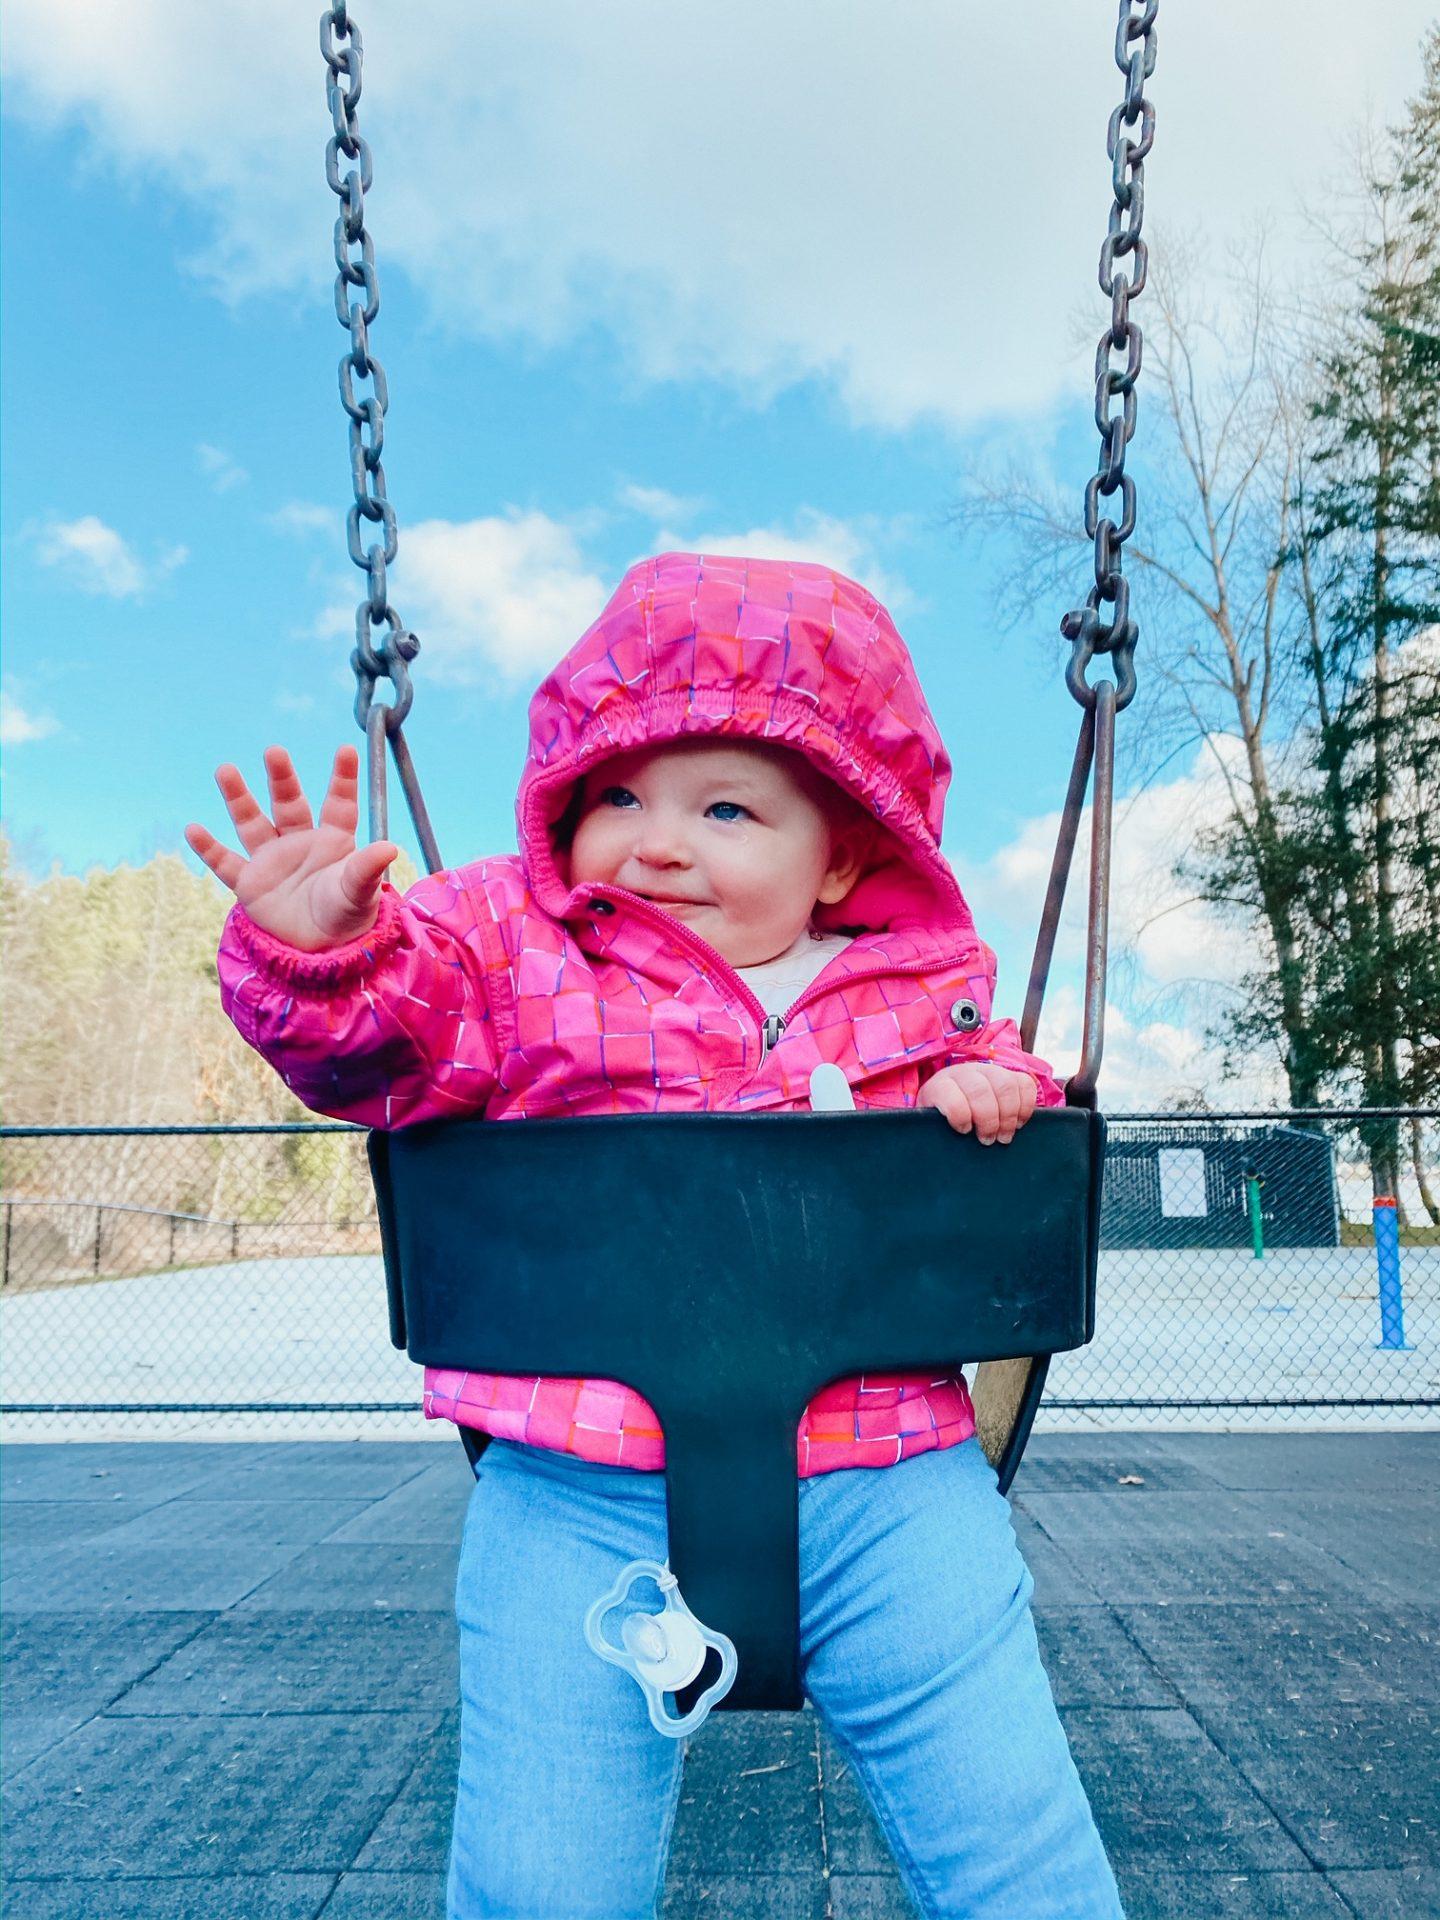 mieke on swings